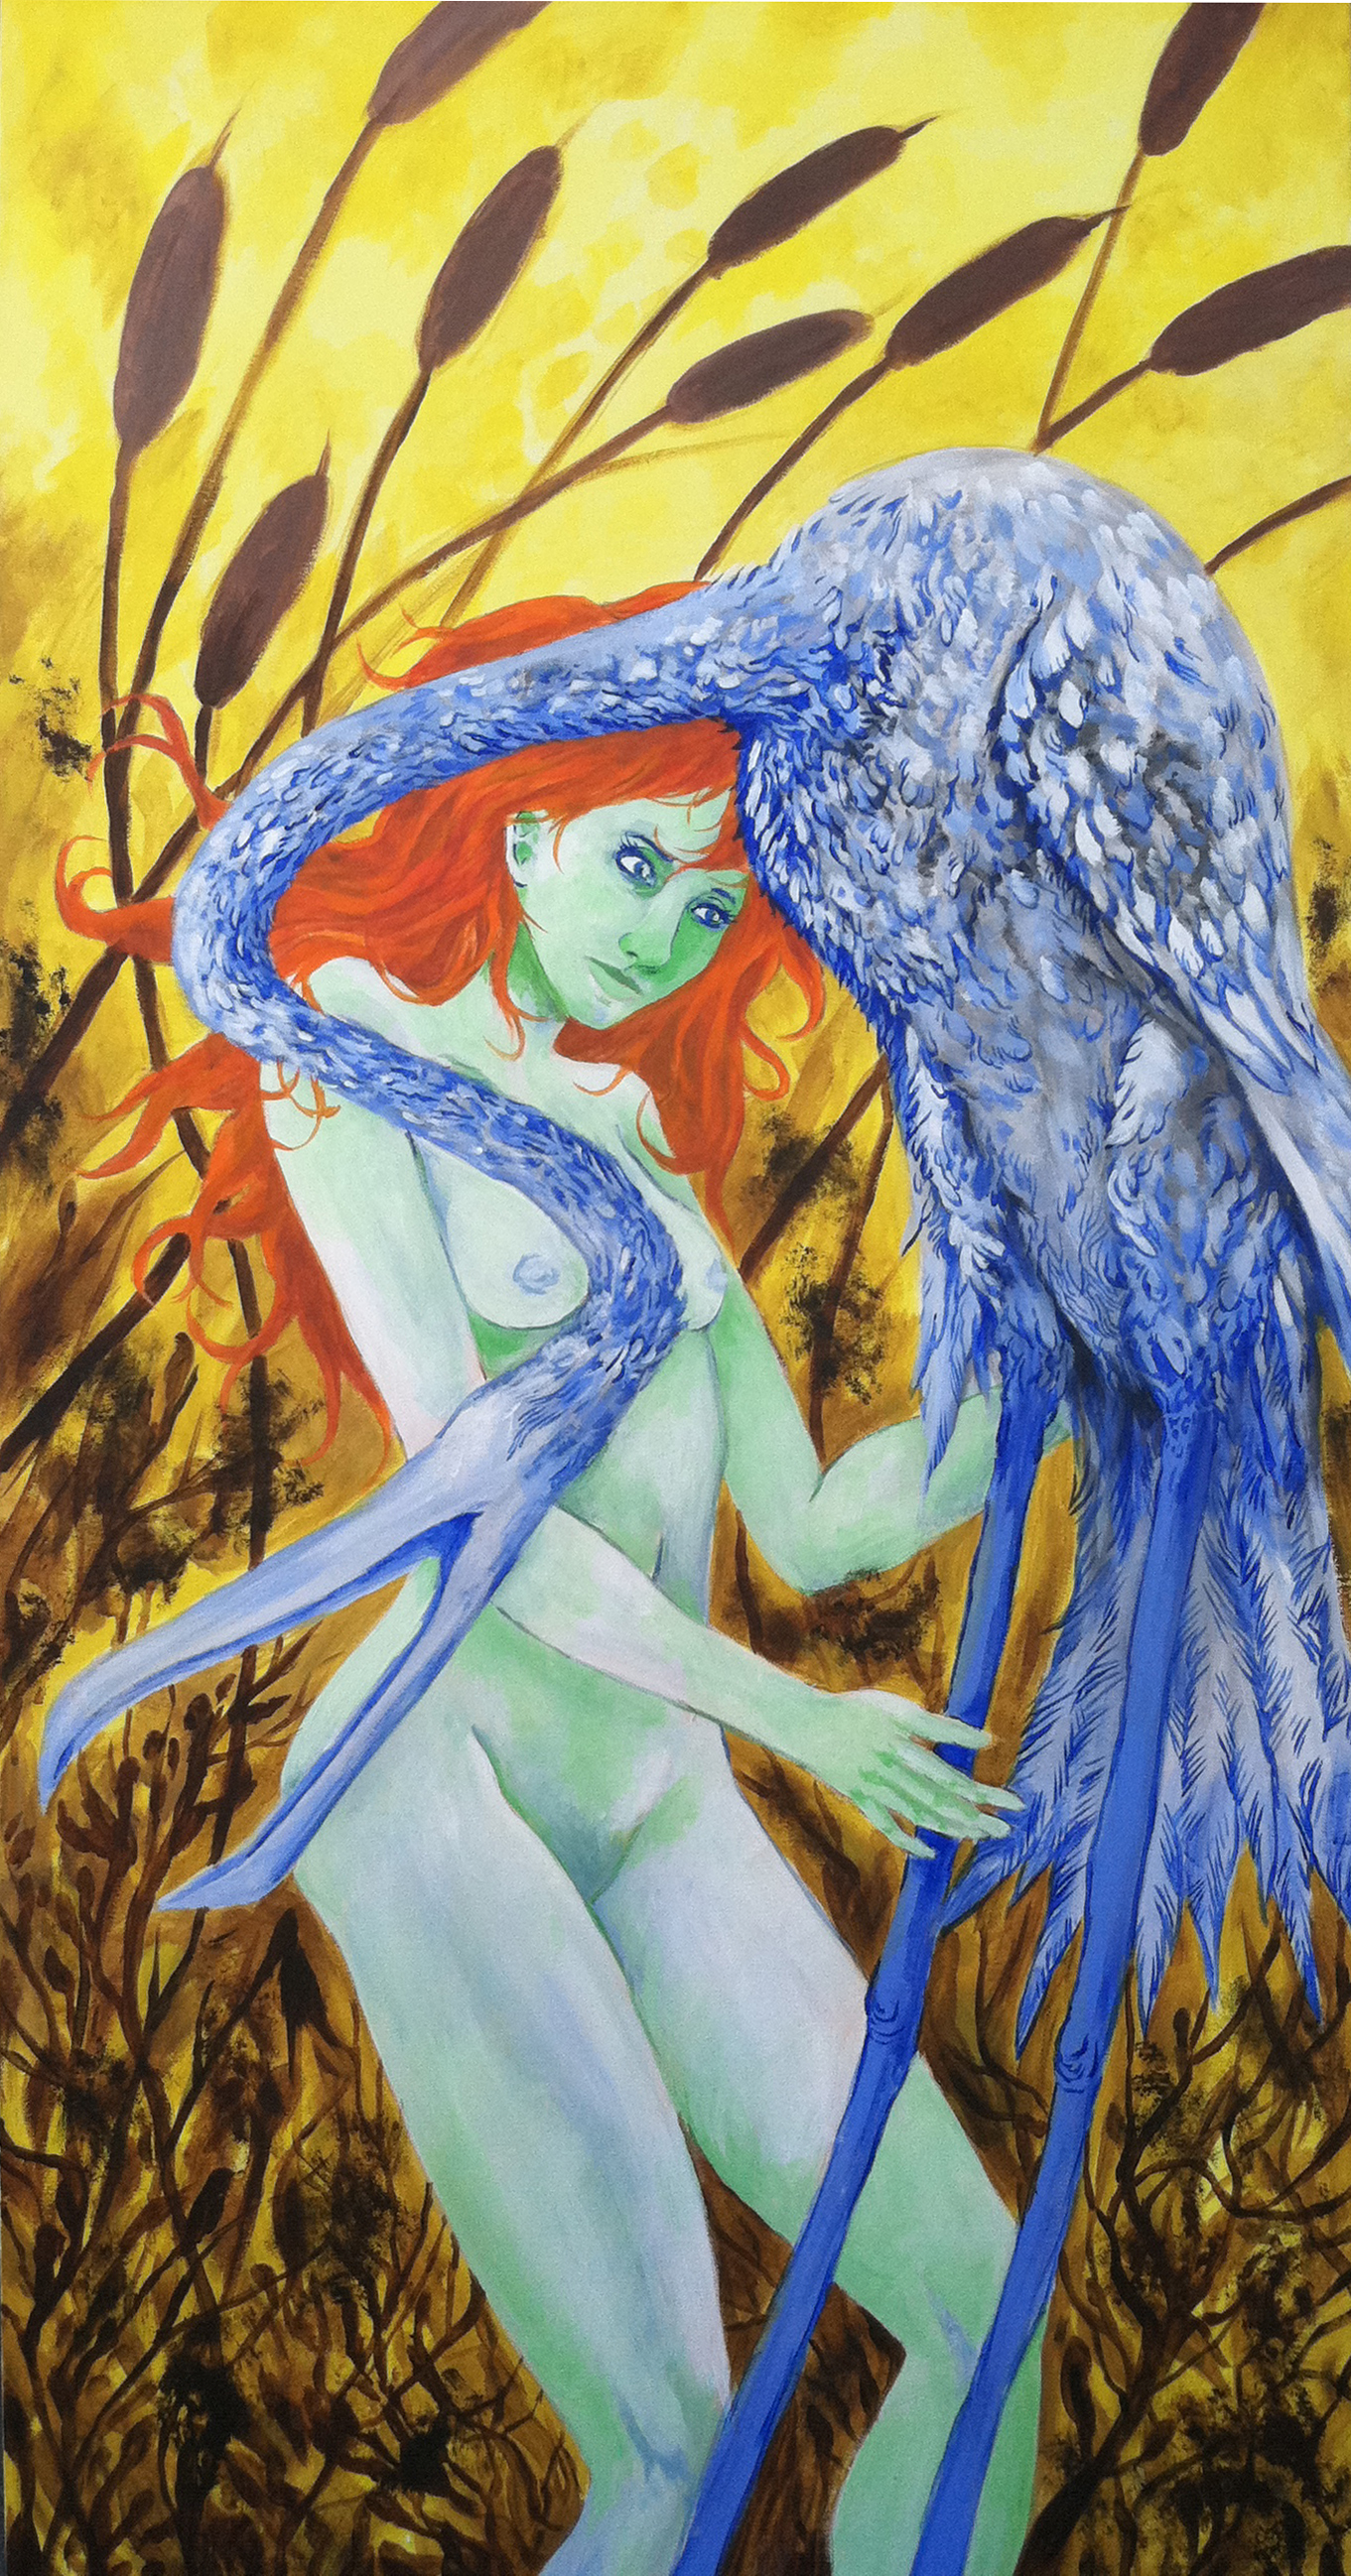 blue_bird_stolen.jpg